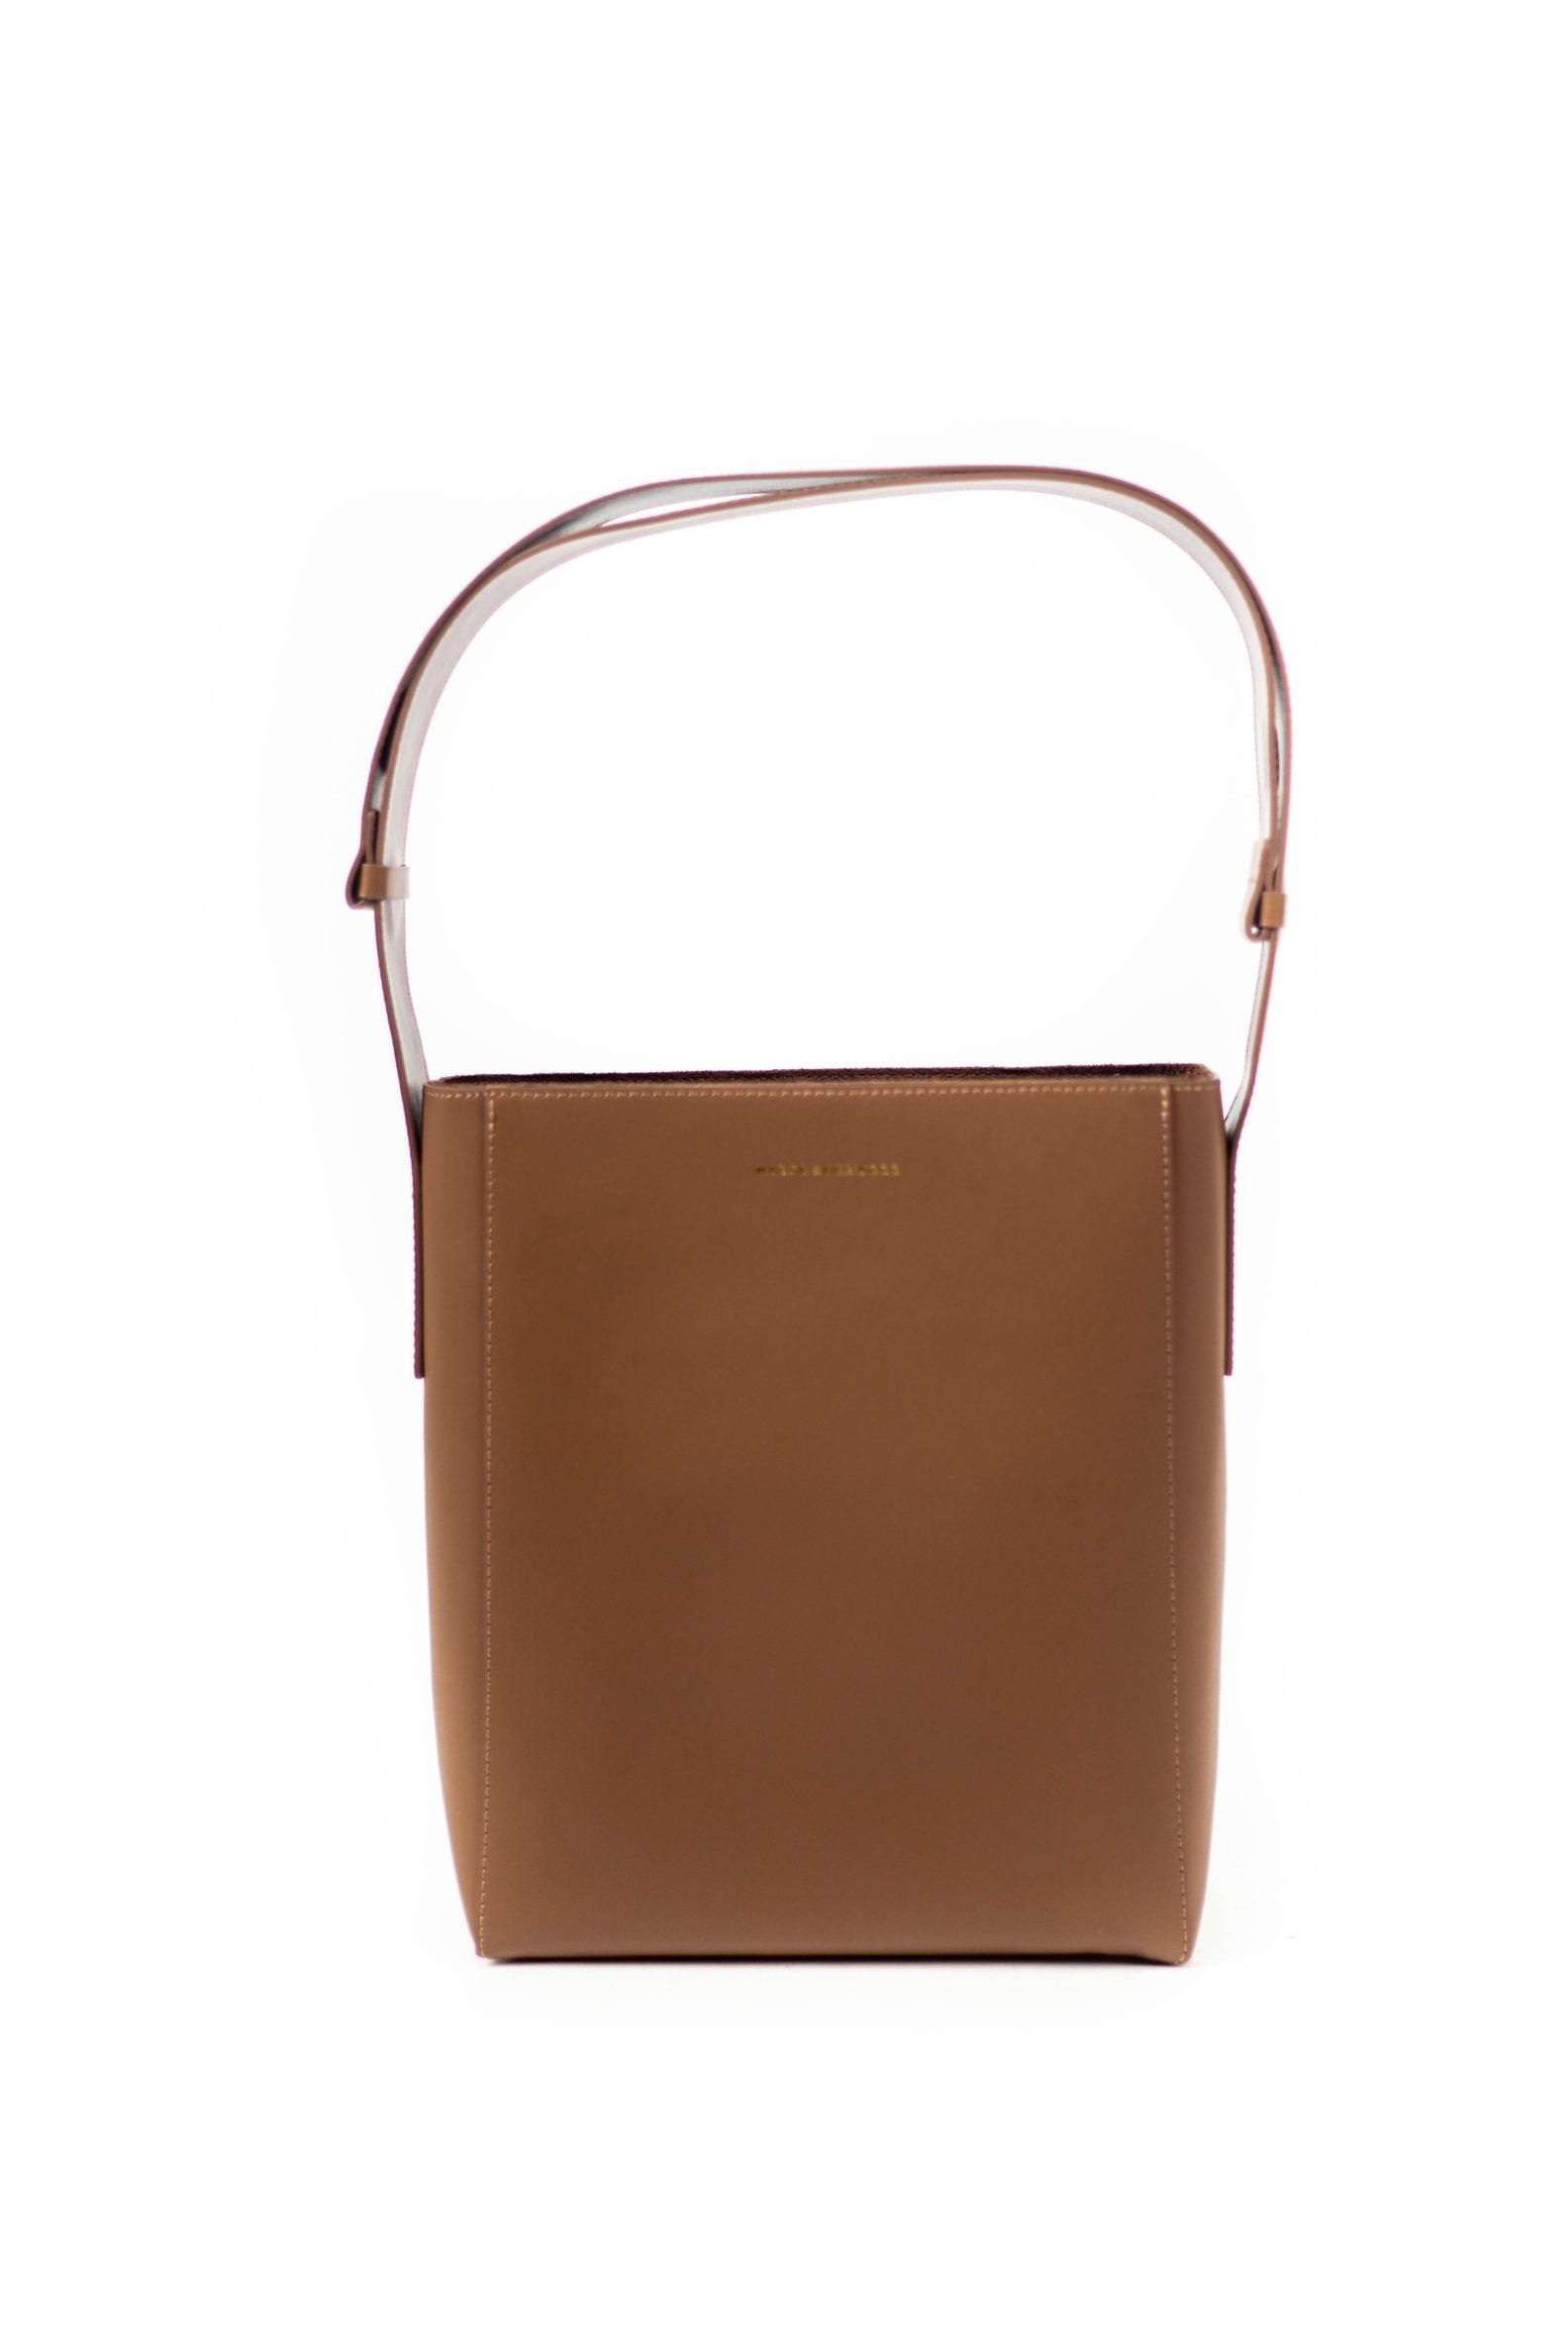 Sac How camel-How bag-cabas cuir camel affaires etrangeres paris ethnique chic mode coreenne besides kimchi